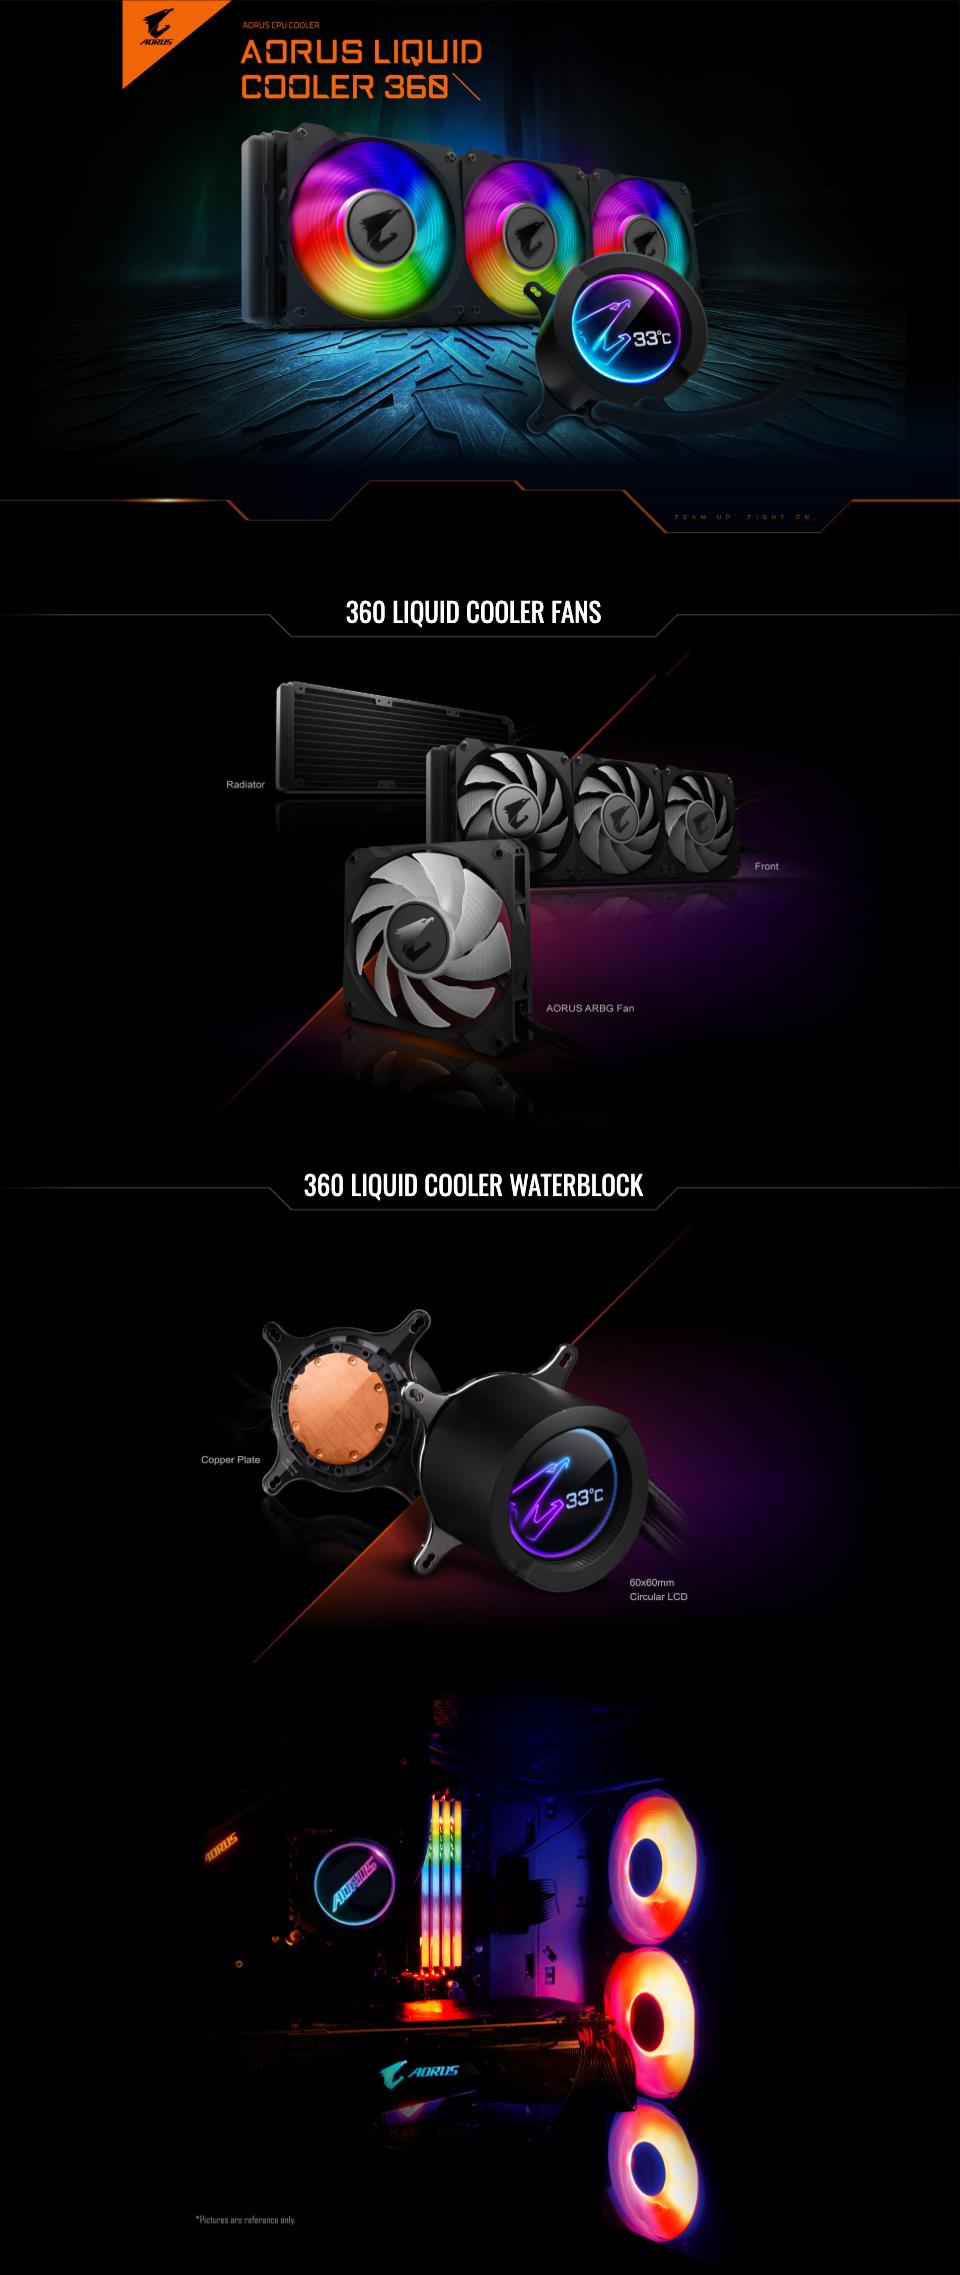 Gigabyte Aorus AIO Liquid Cooler 360 Triple 120mm ARGB Fan Circular LCD Display